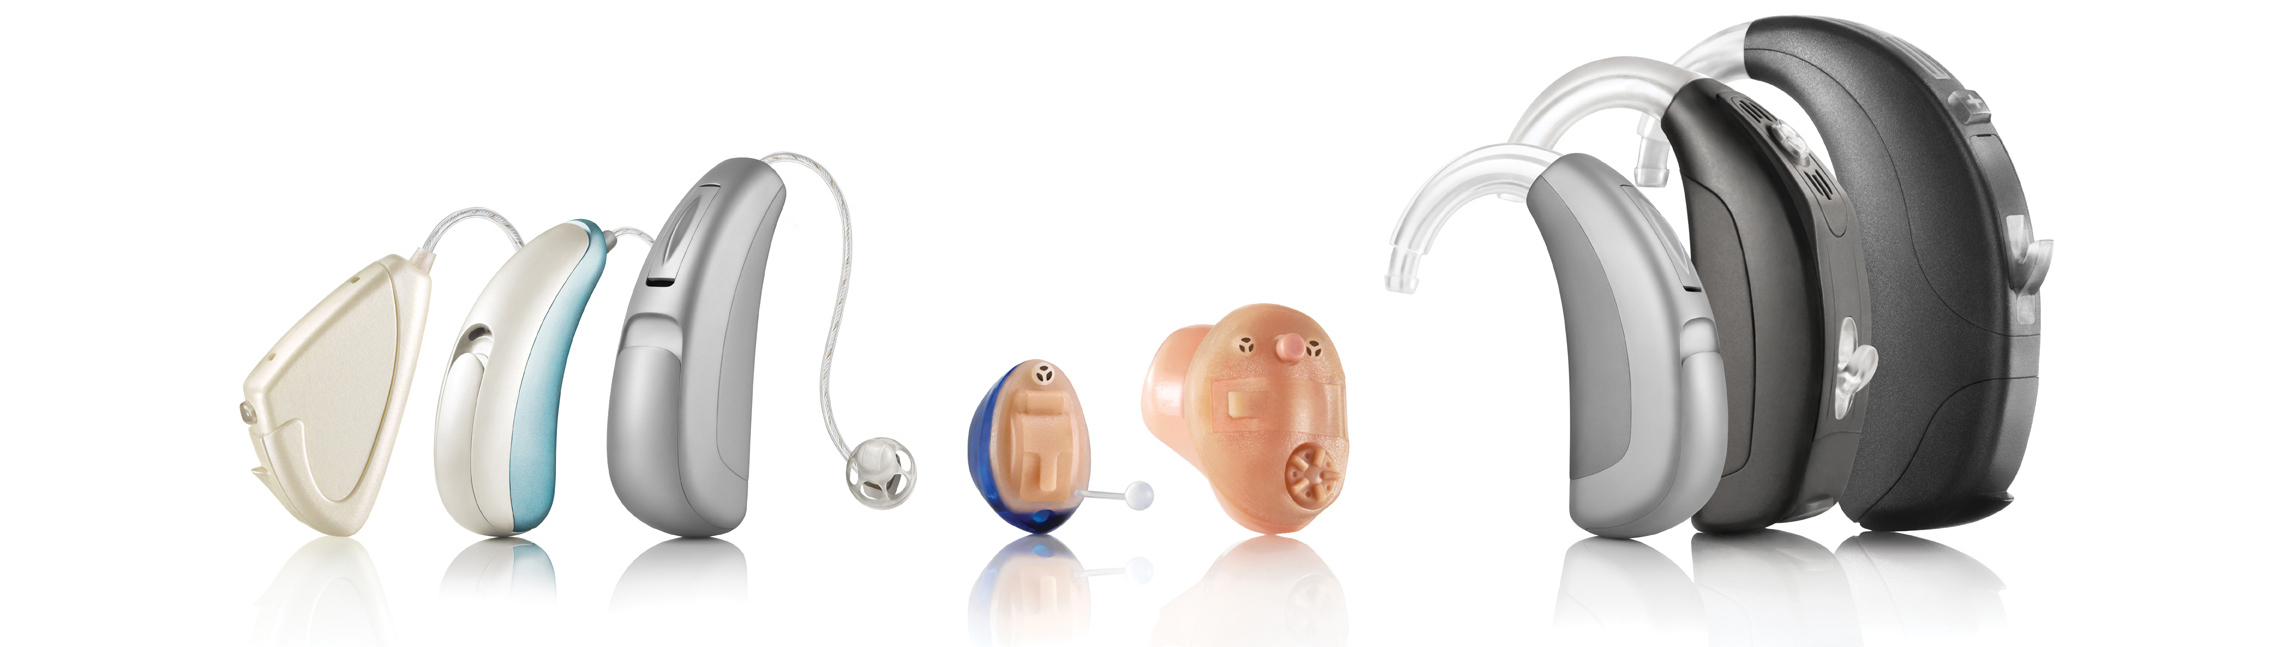 Hearing Aid Trials